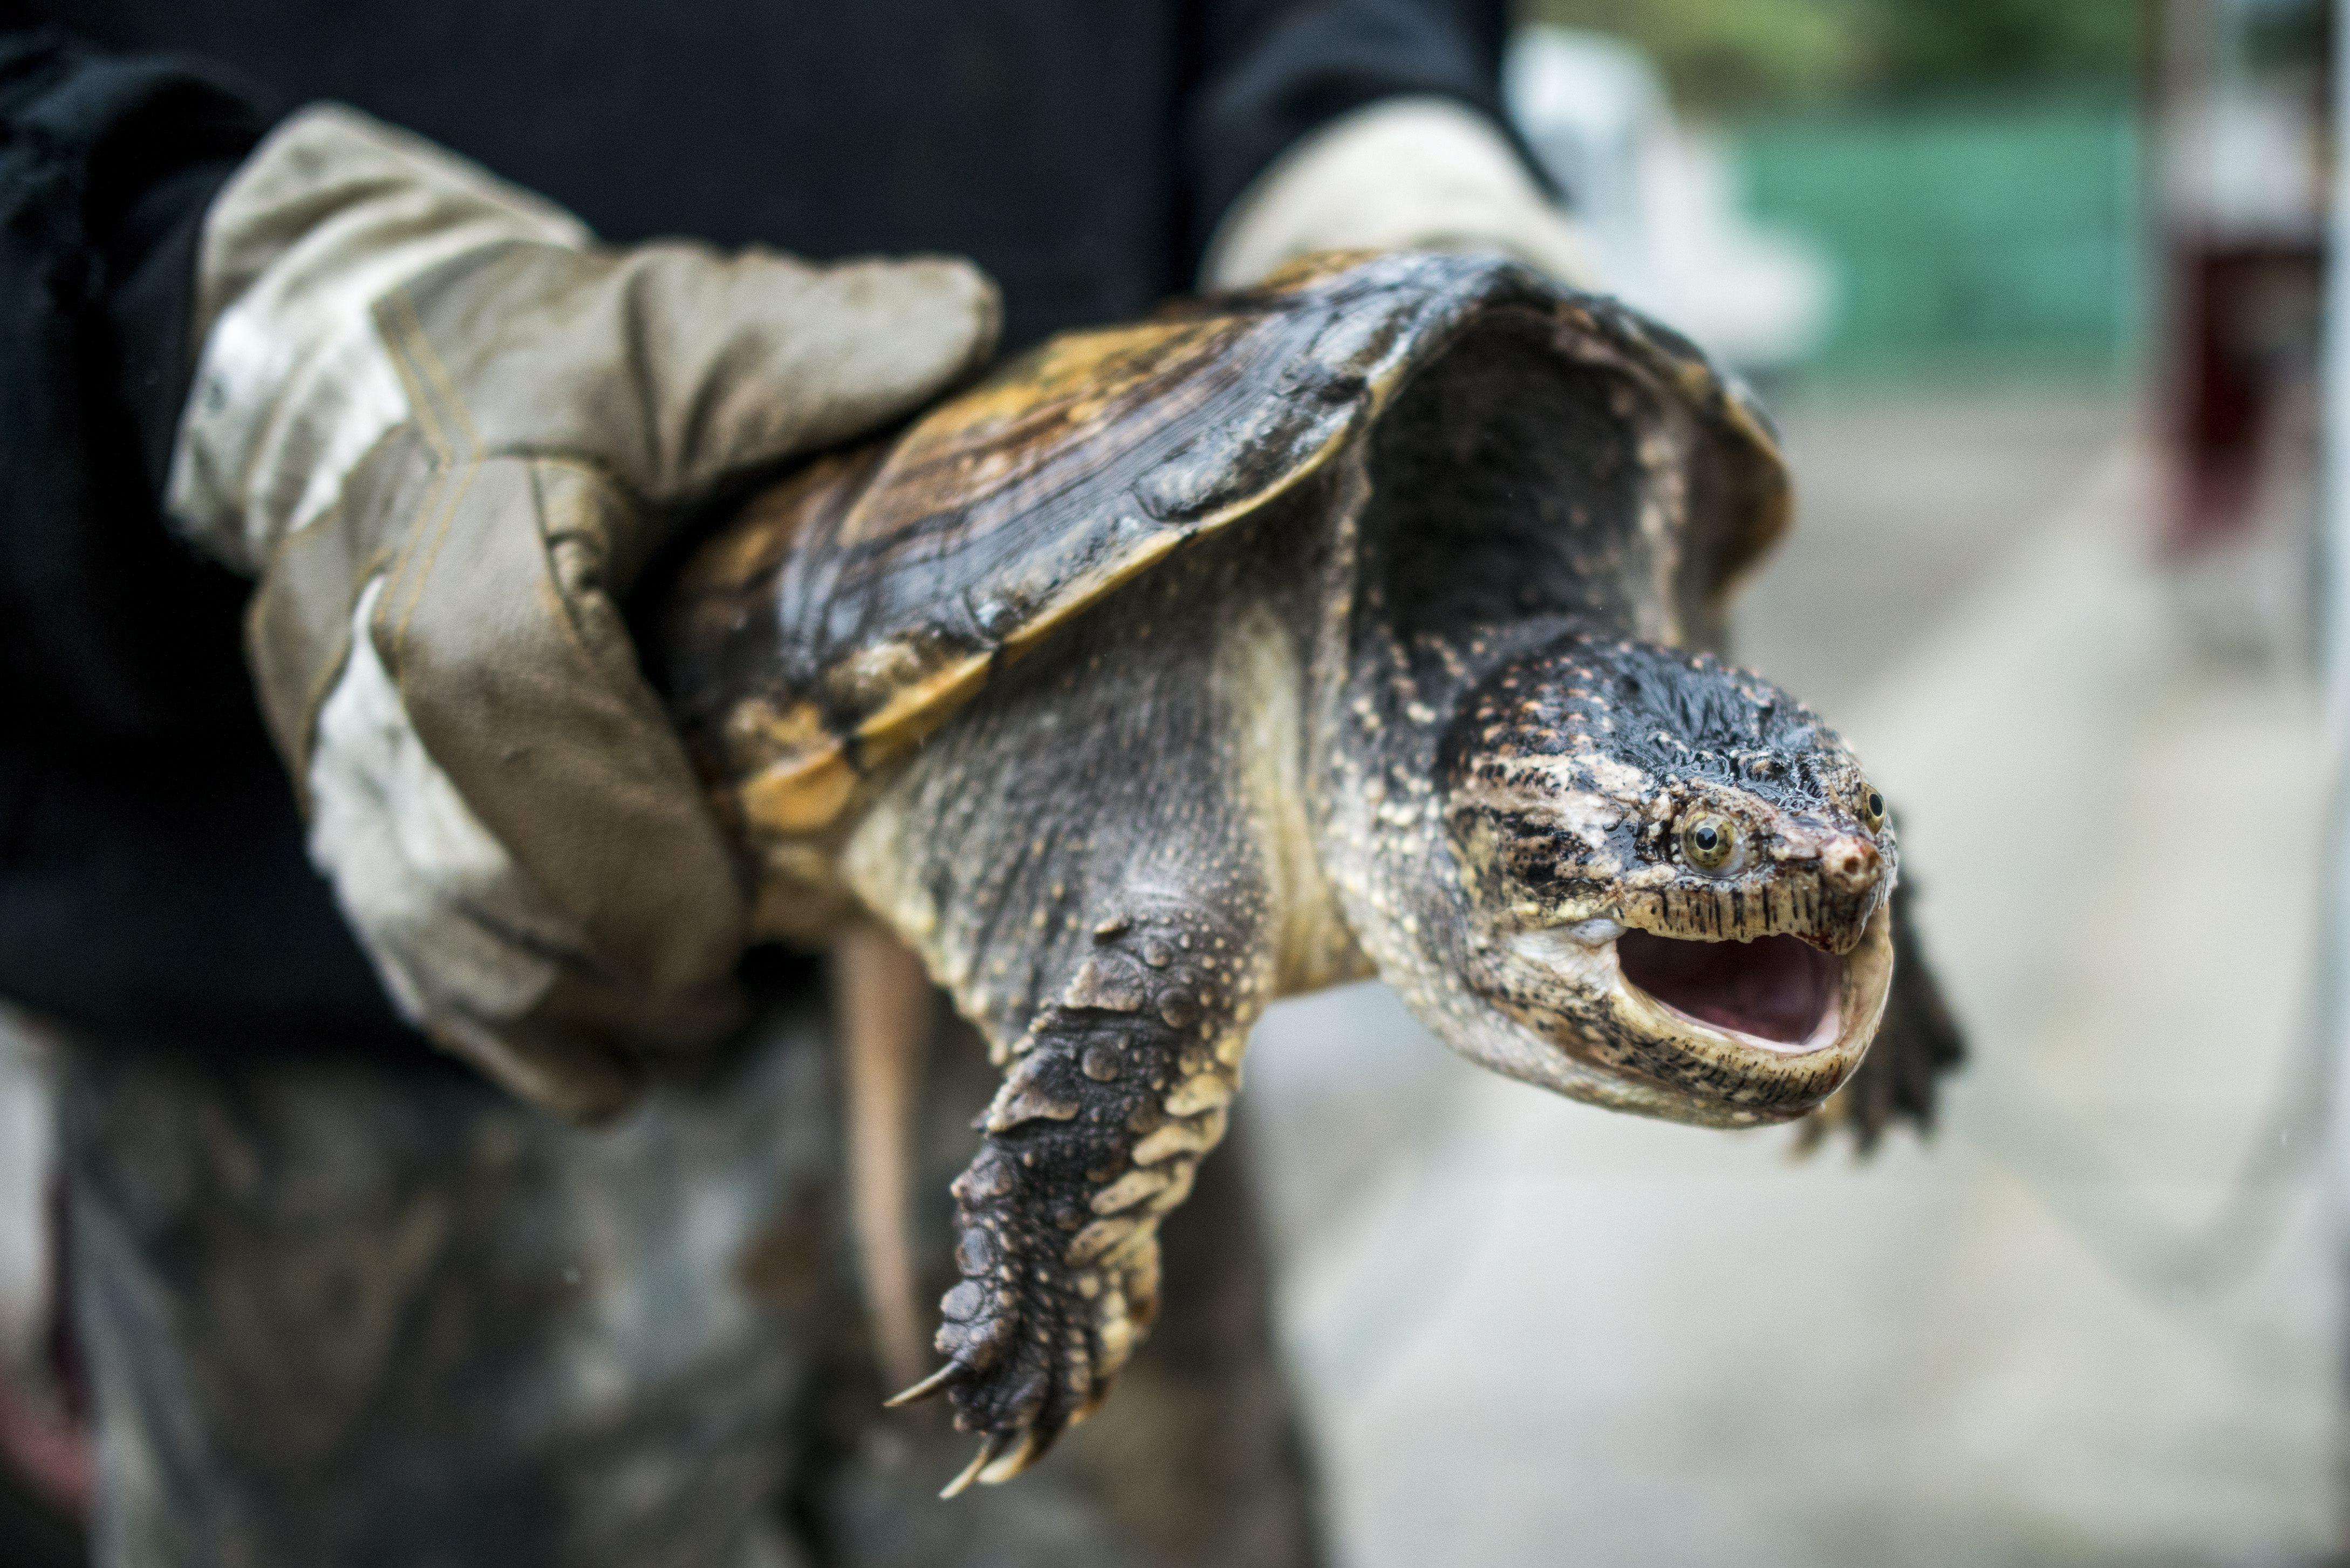 Veszélyes aligátorteknősre bukkantak Törökbálinton